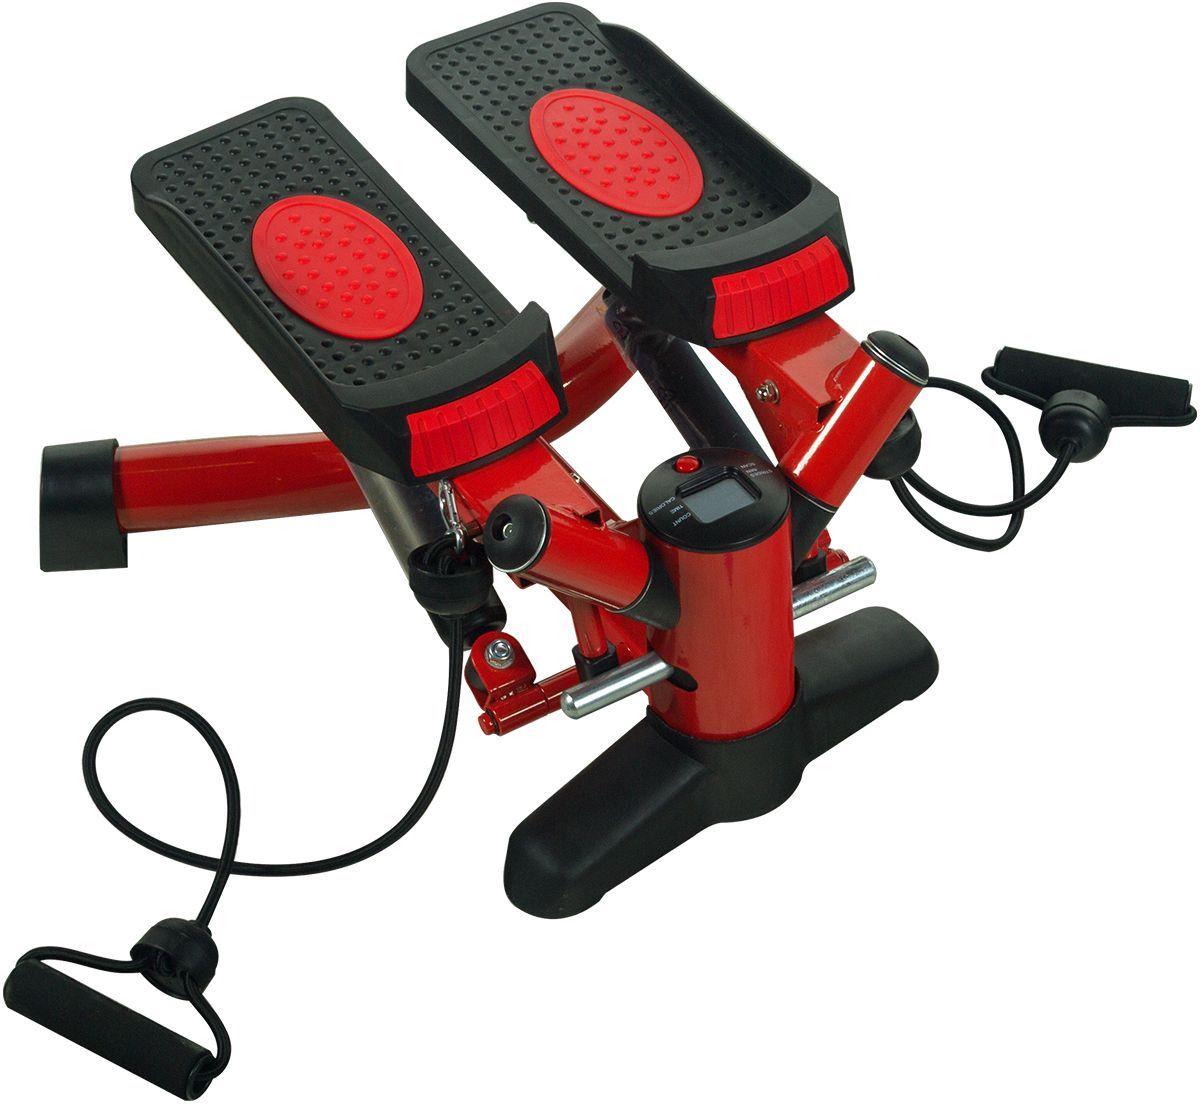 Тренажер для бедер и ягодиц Starfit HT-102 Mini Stepper, с эспандерами